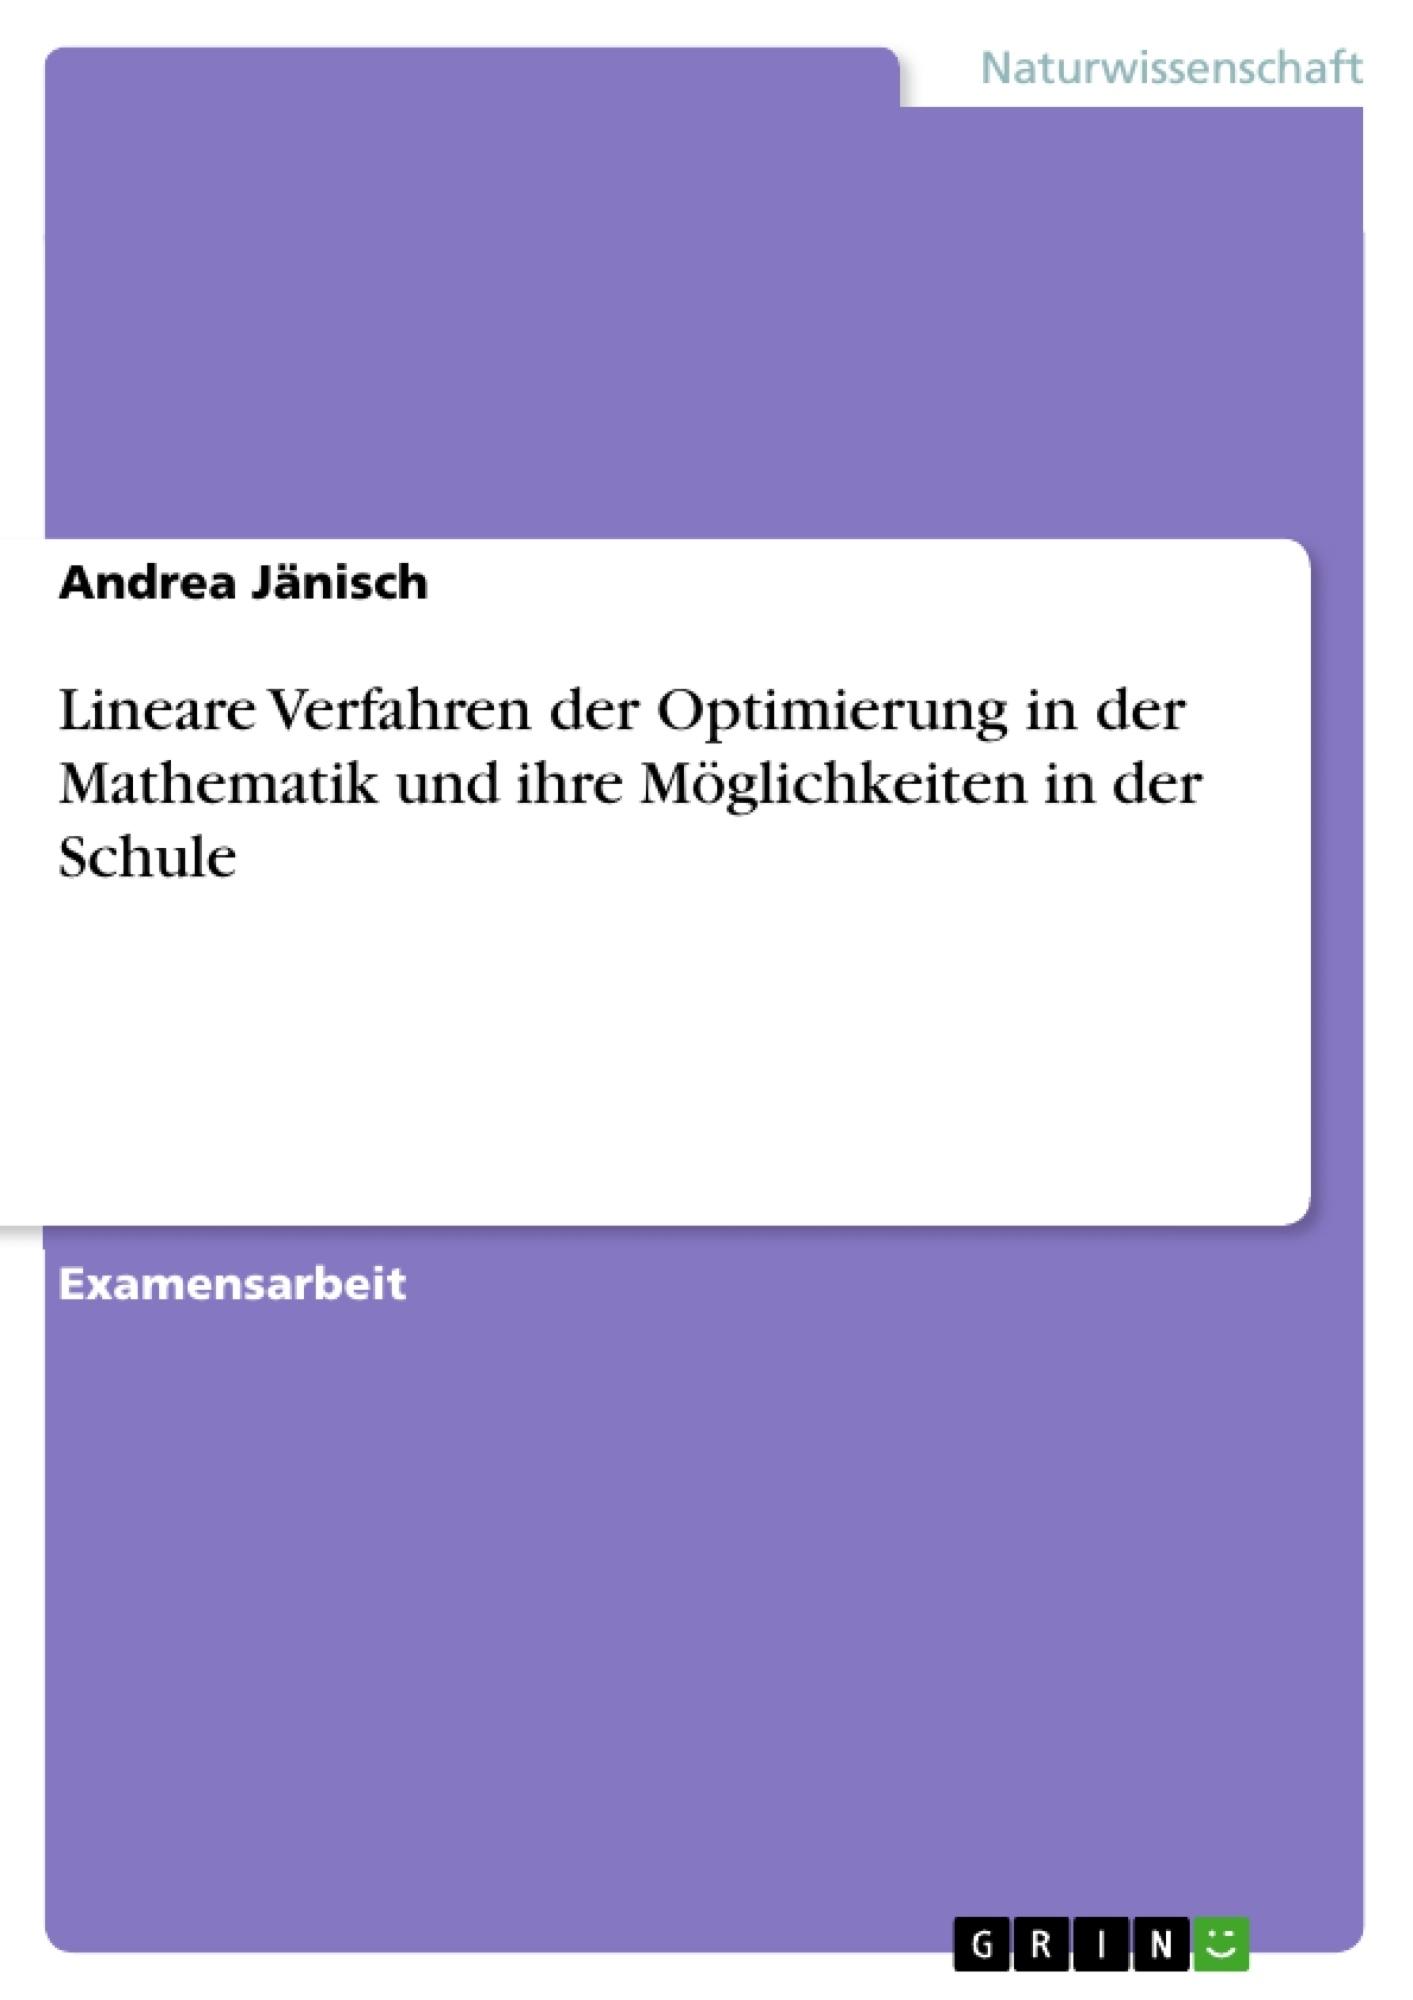 Titel: Lineare Verfahren der Optimierung in der Mathematik und ihre Möglichkeiten in der Schule